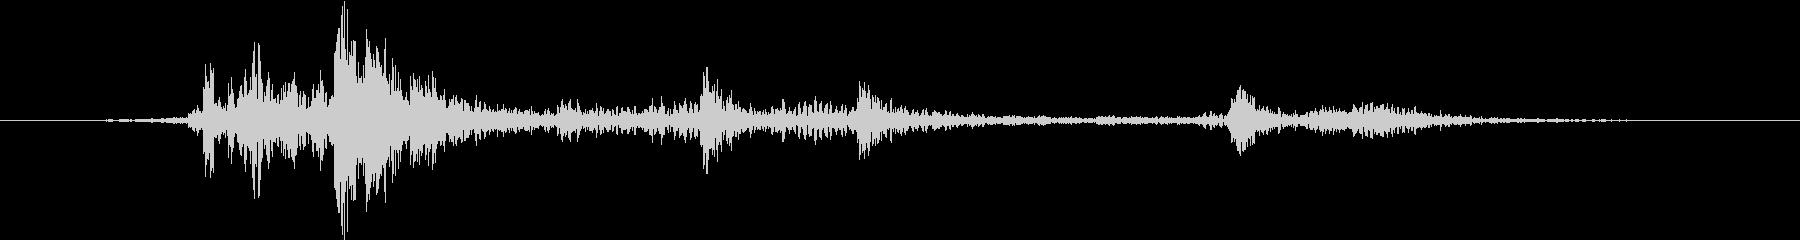 1908アンティークミシガンキャッ...の未再生の波形